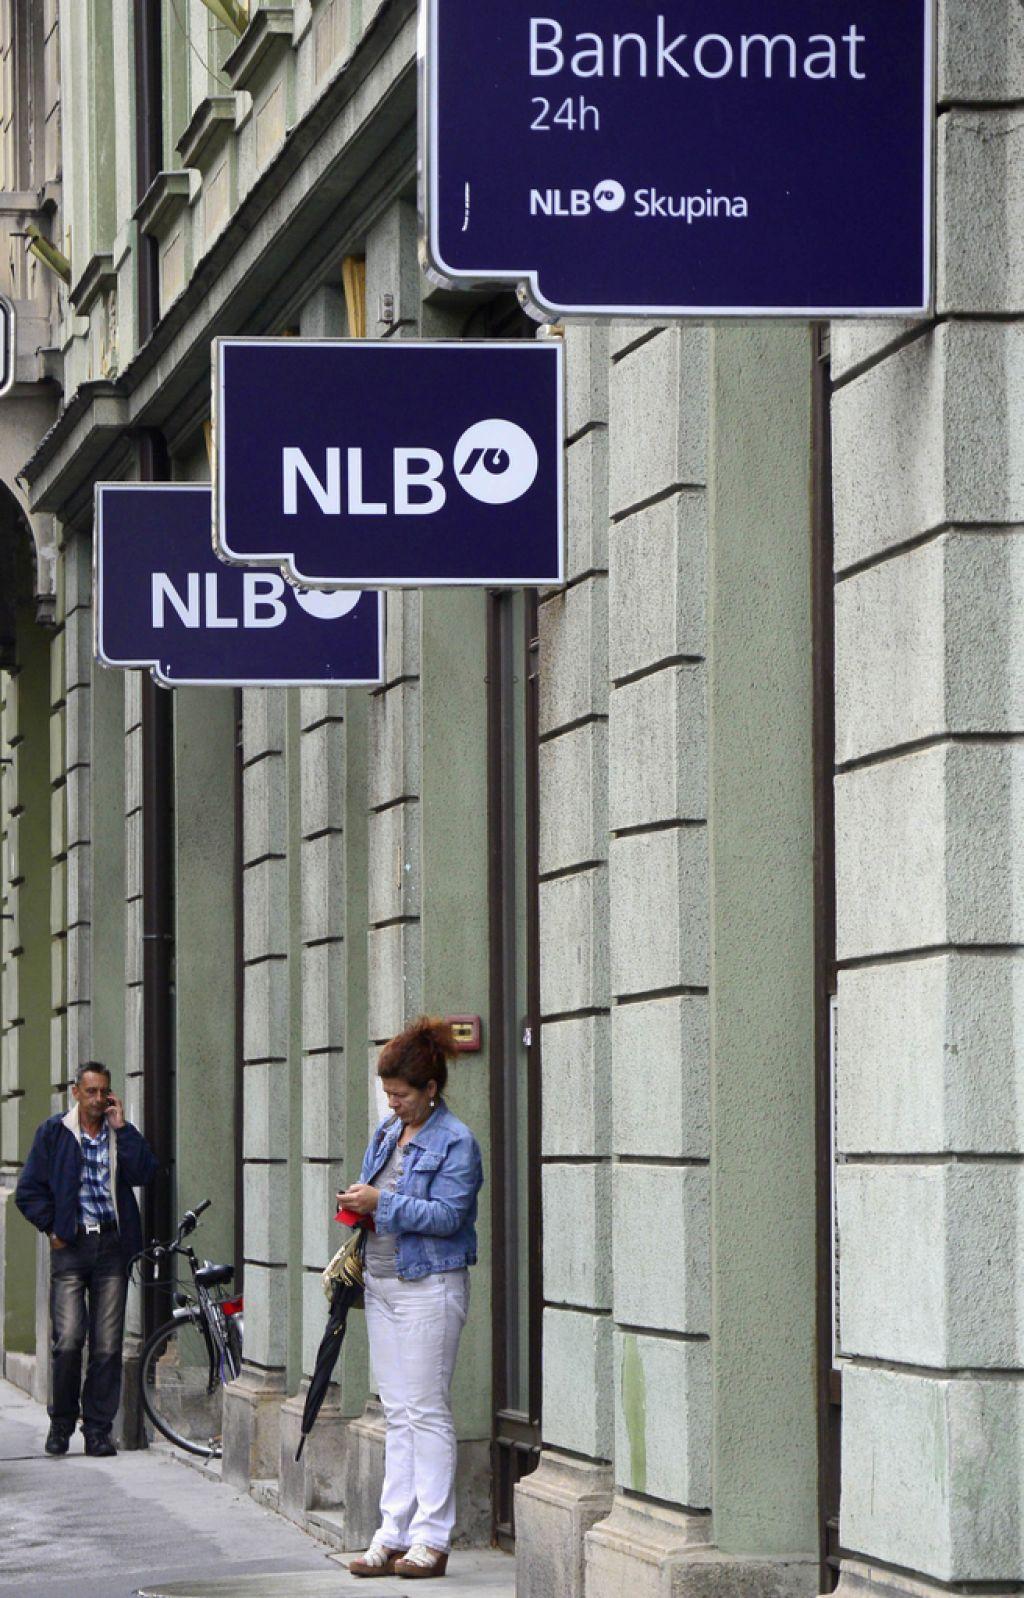 Banke espejem odpirajo le poslovne račune